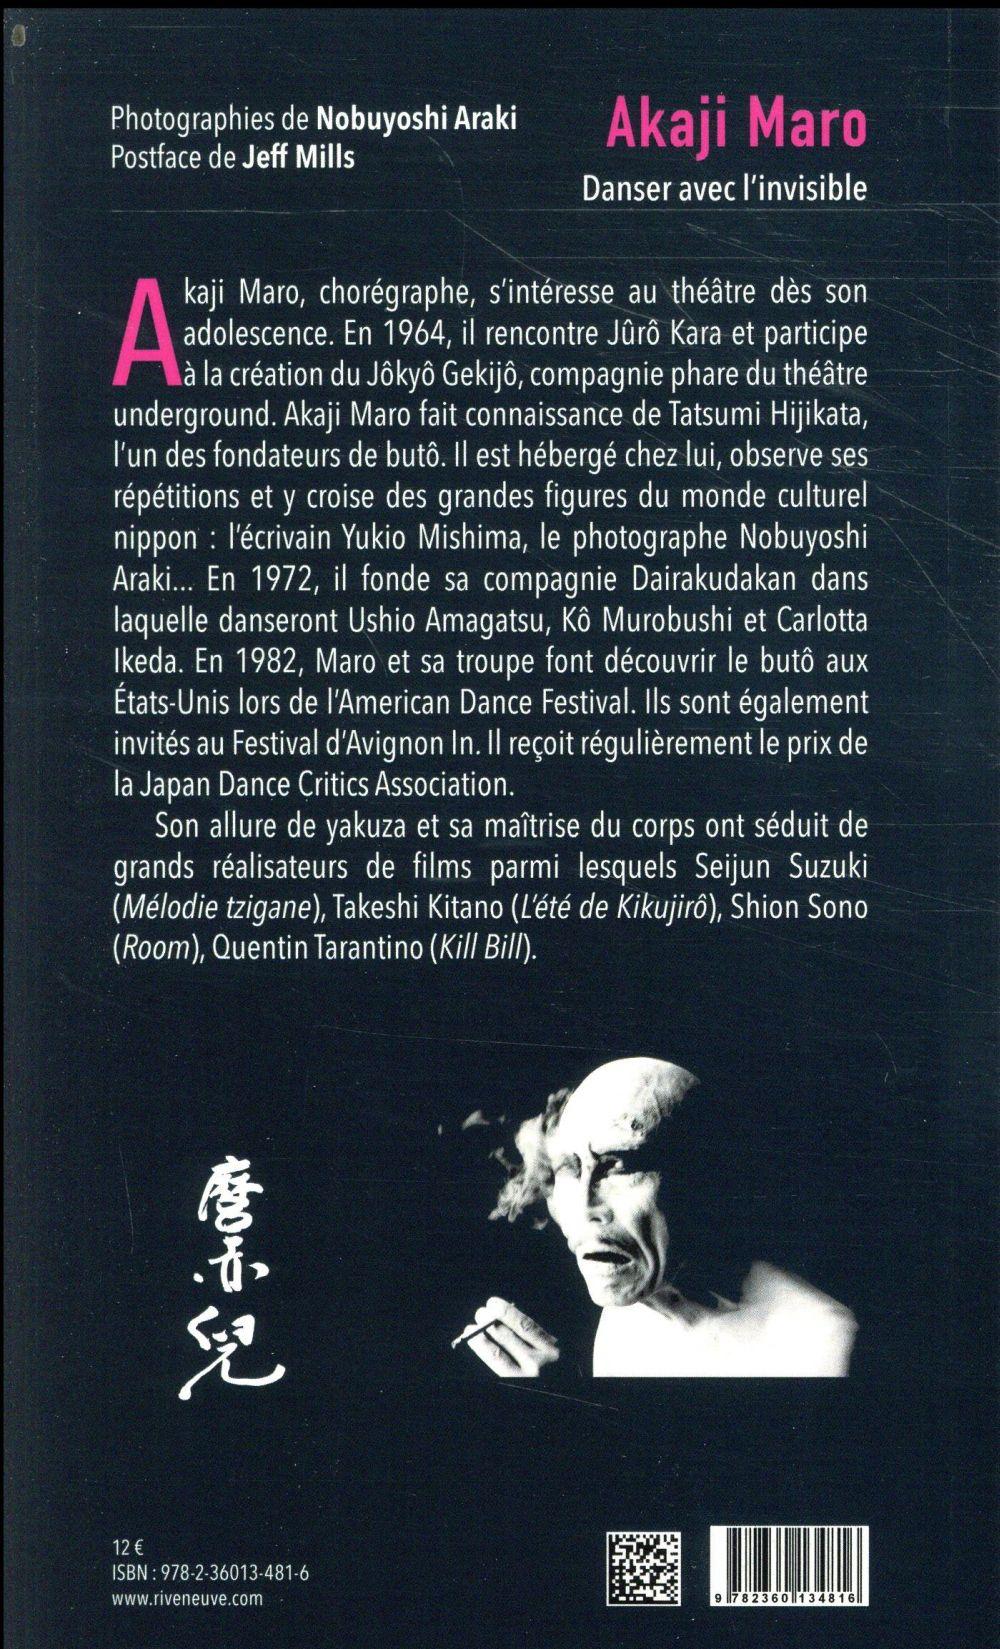 Akaji Maro ; danser avec l'invisible